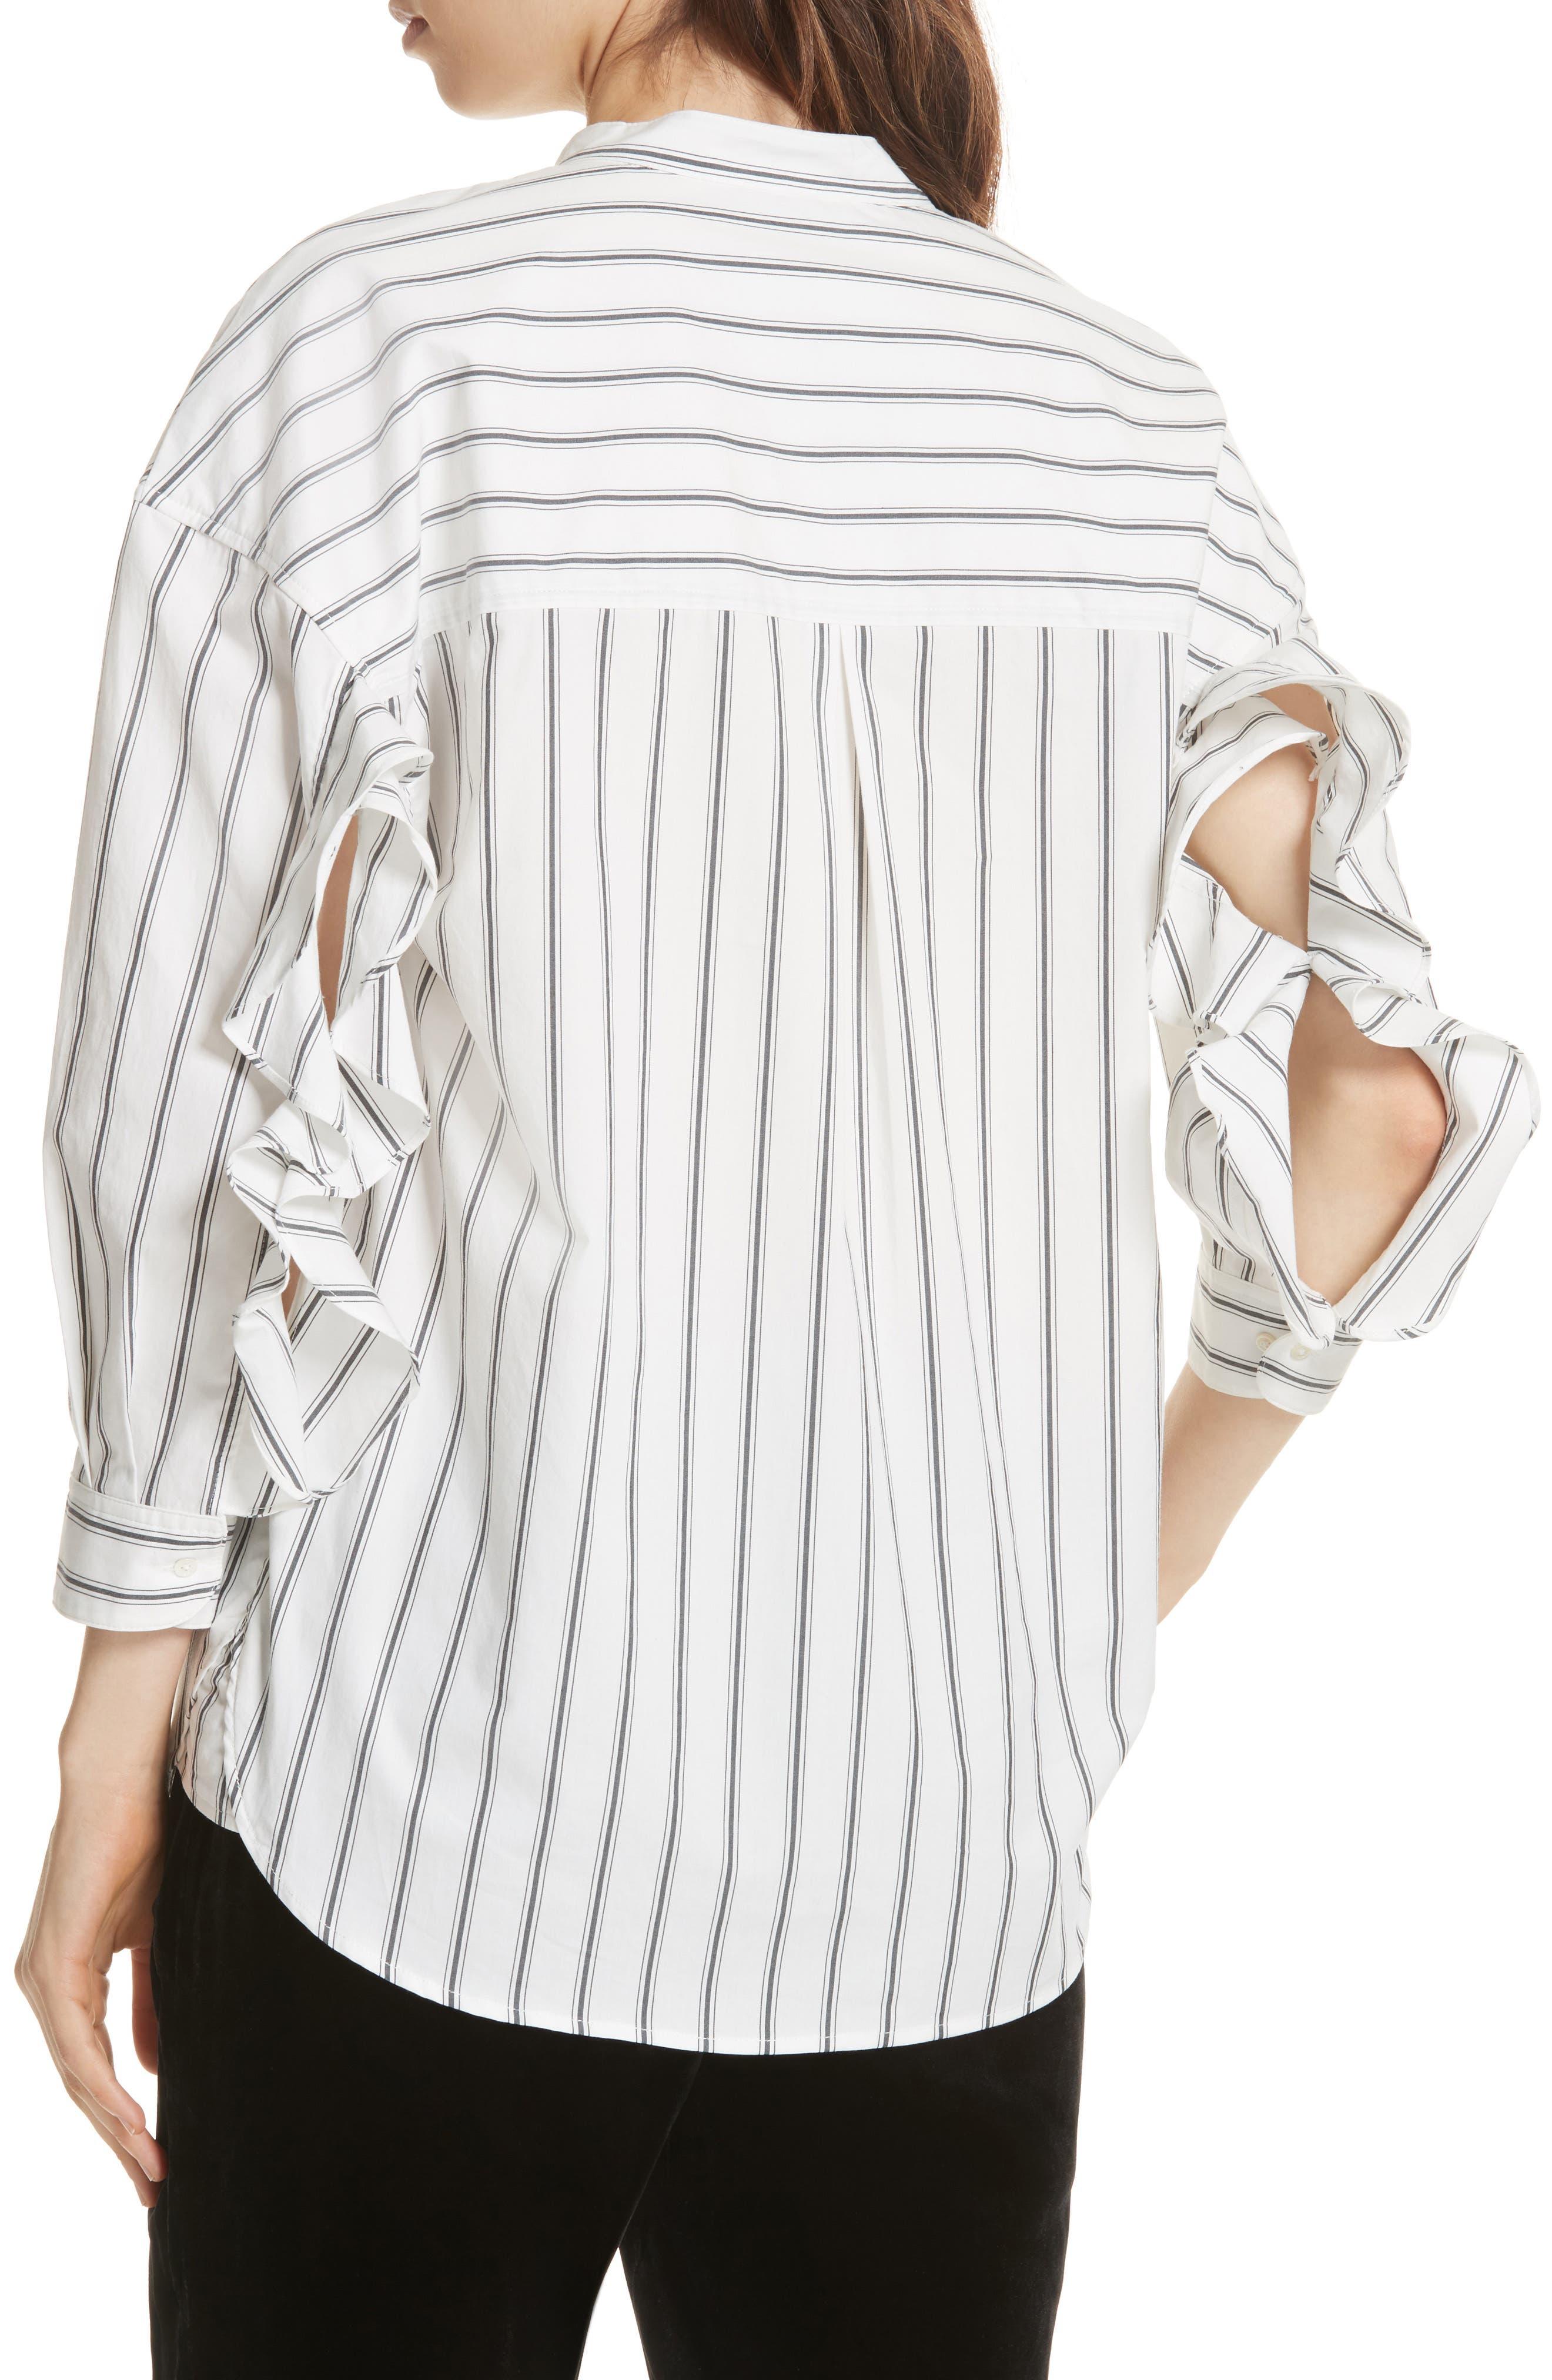 Poni Stripe Shirt,                             Alternate thumbnail 3, color,                             Porcelain